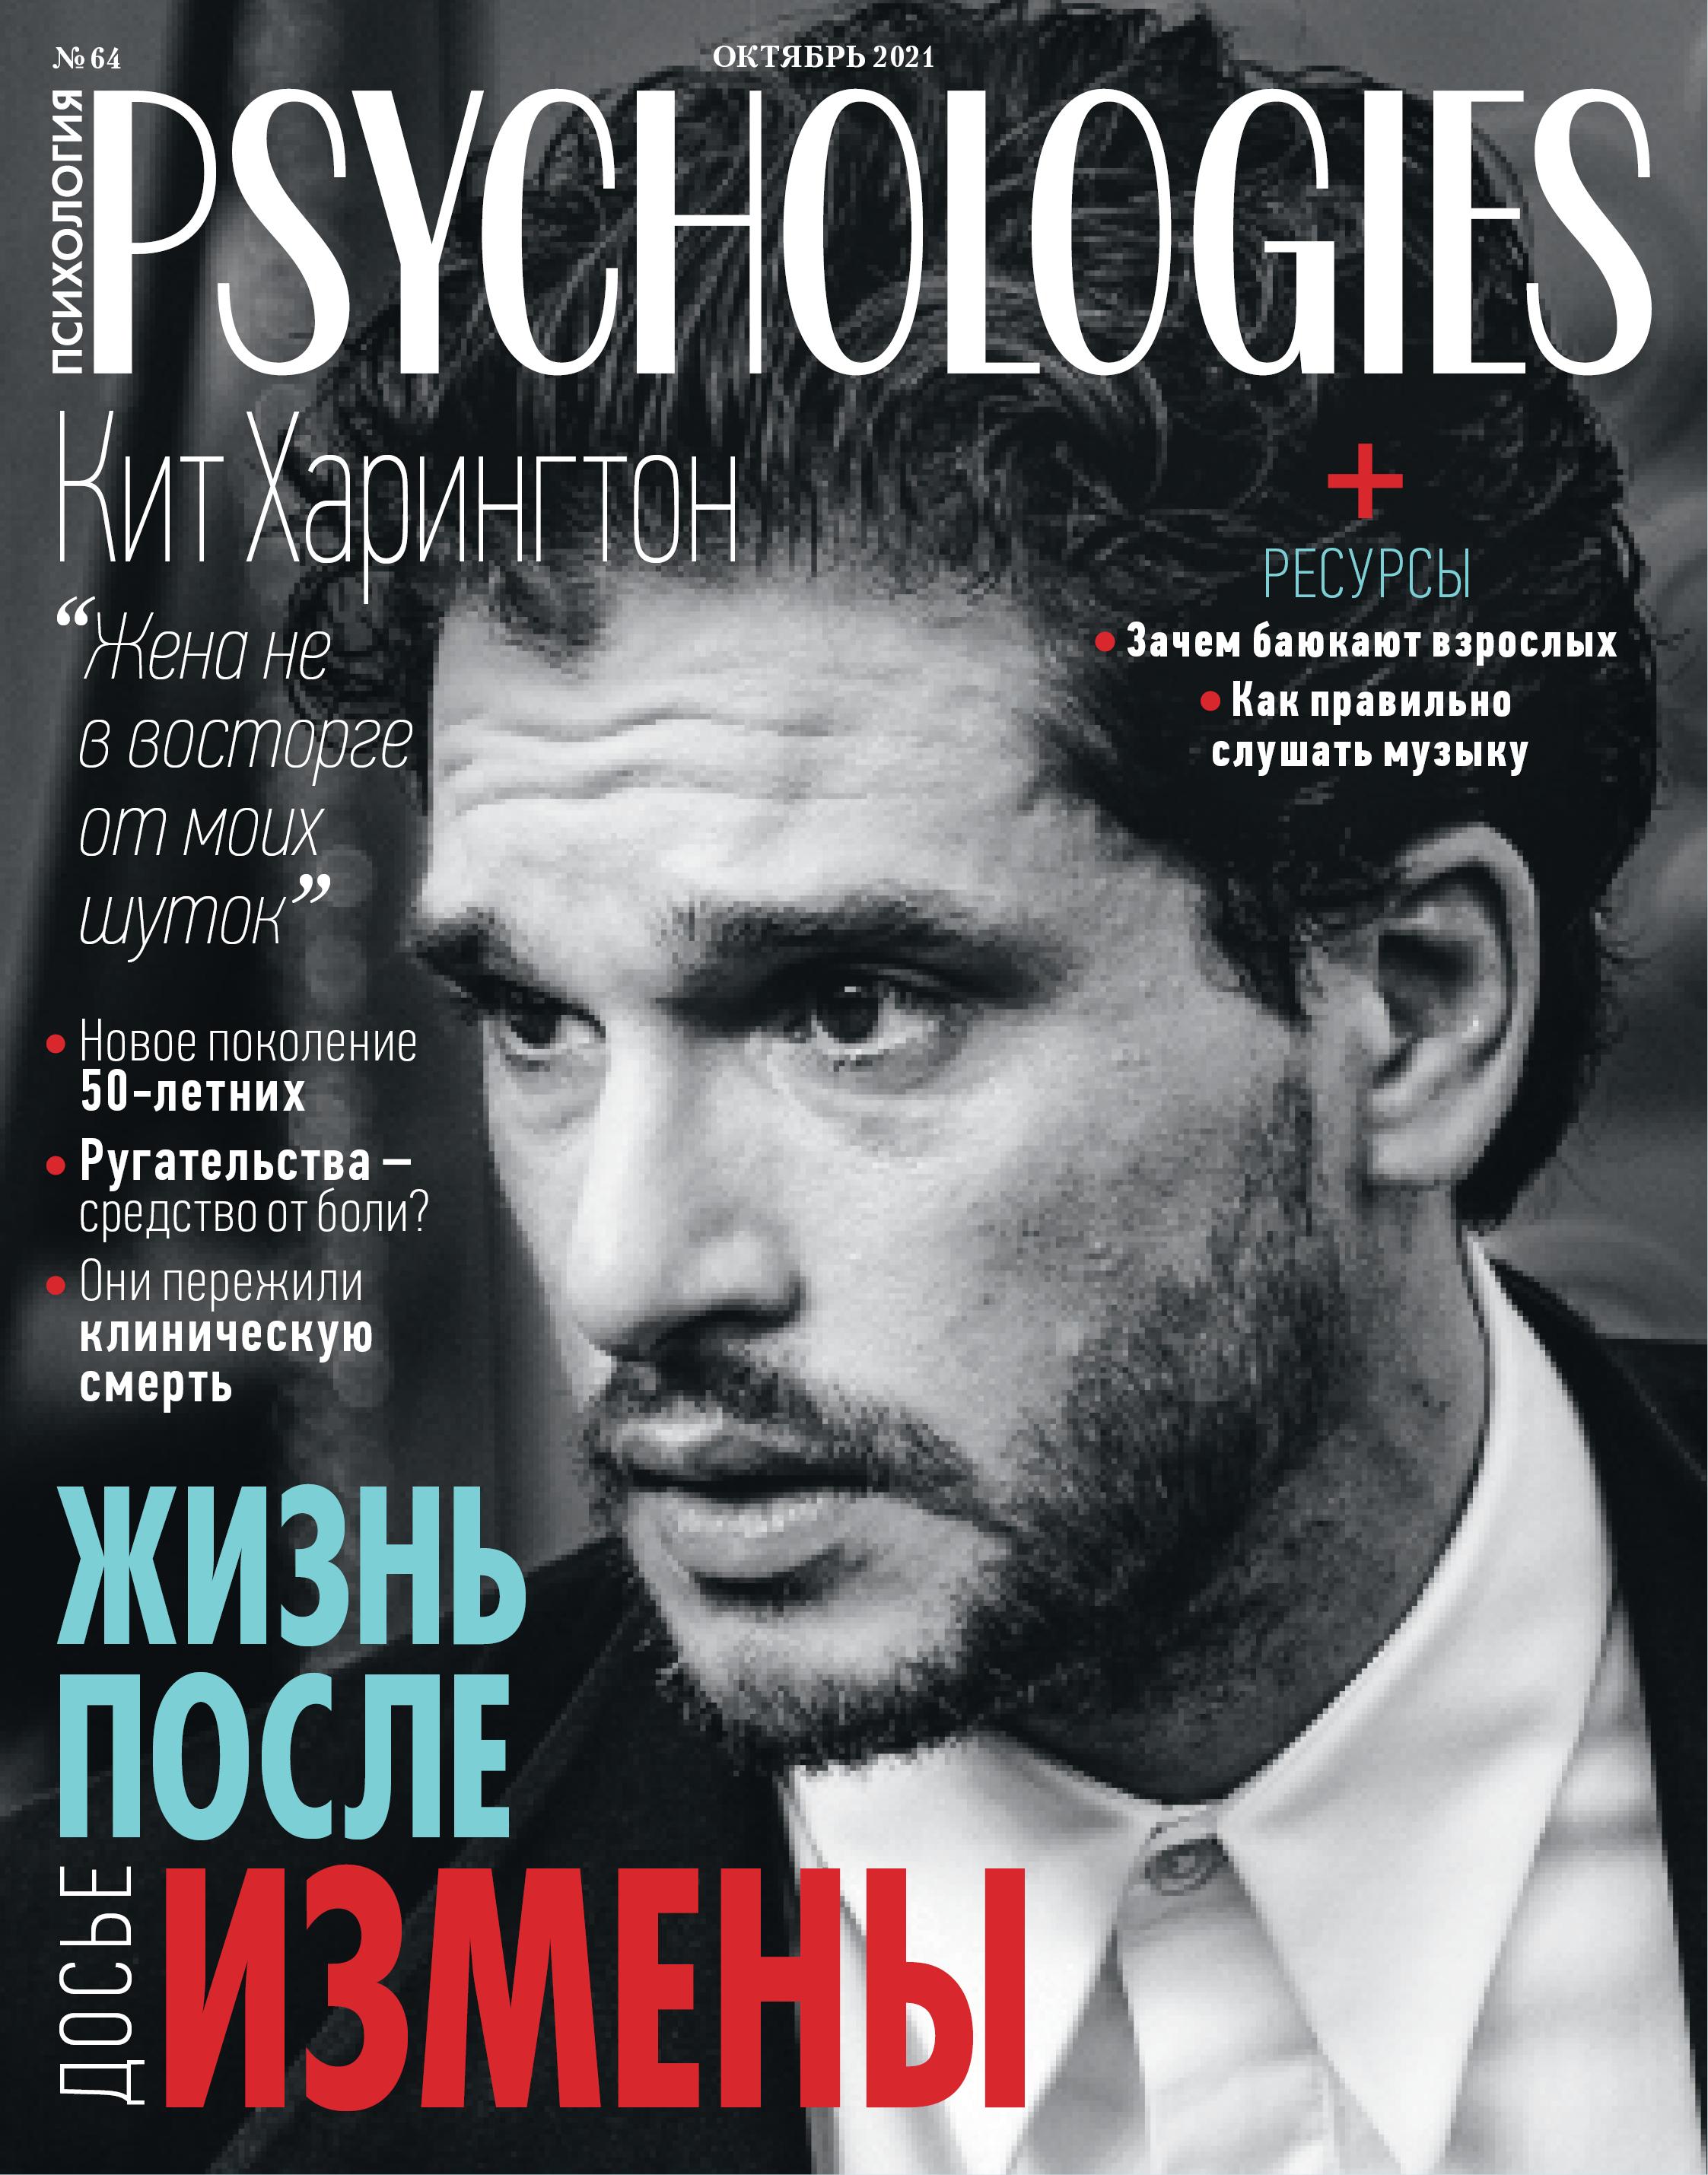 Журнал Psychologies номер 181